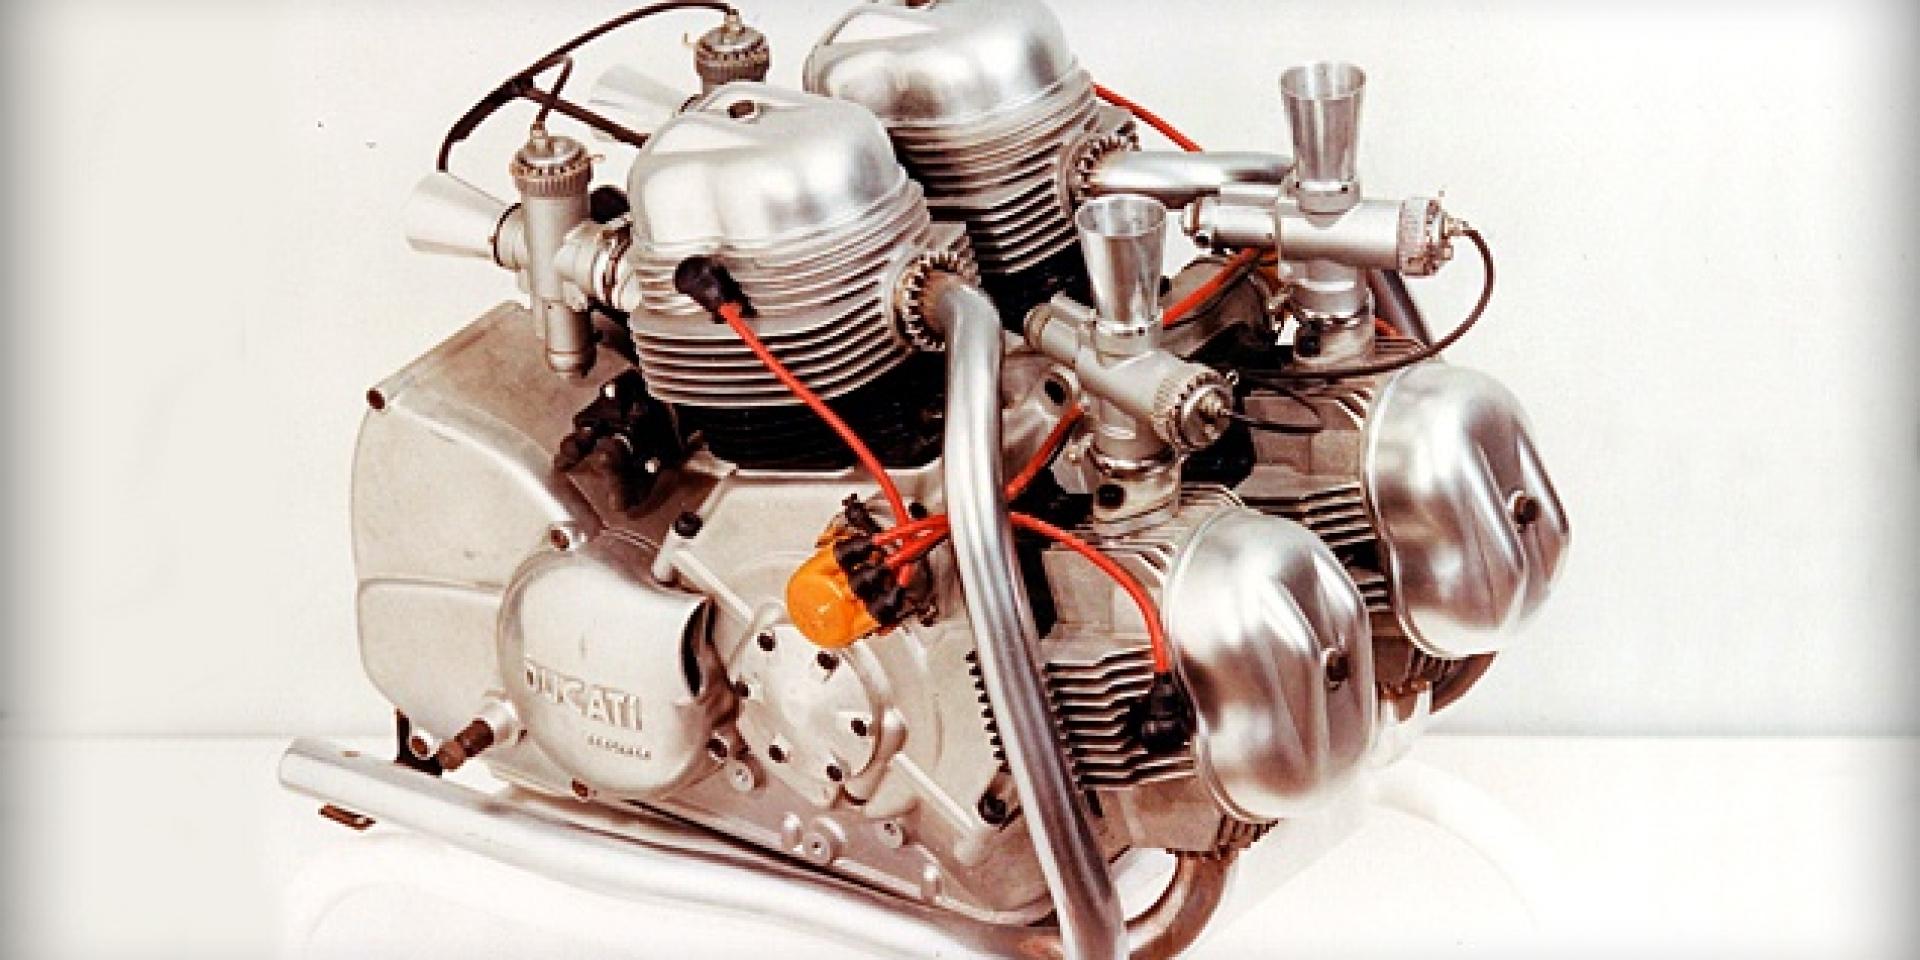 我達達的馬蹄,是美麗的錯誤   1963年DUCATI 的V4原型車Apollo V4